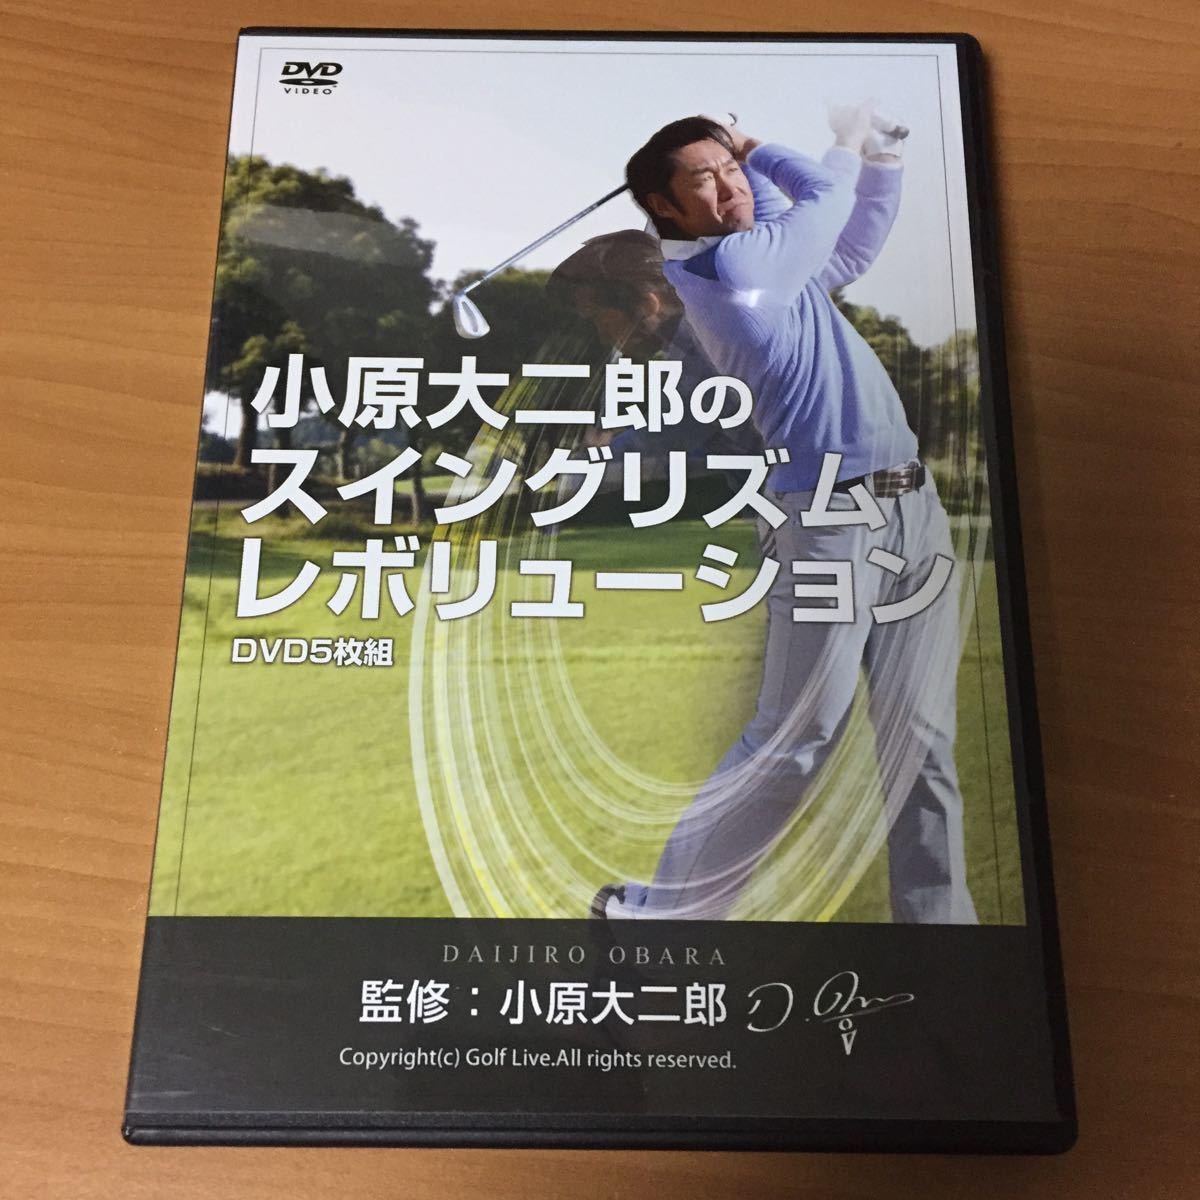 ゴルフDVD 小原大二郎のスイングリズムレボリューション DVD5枚組_画像1